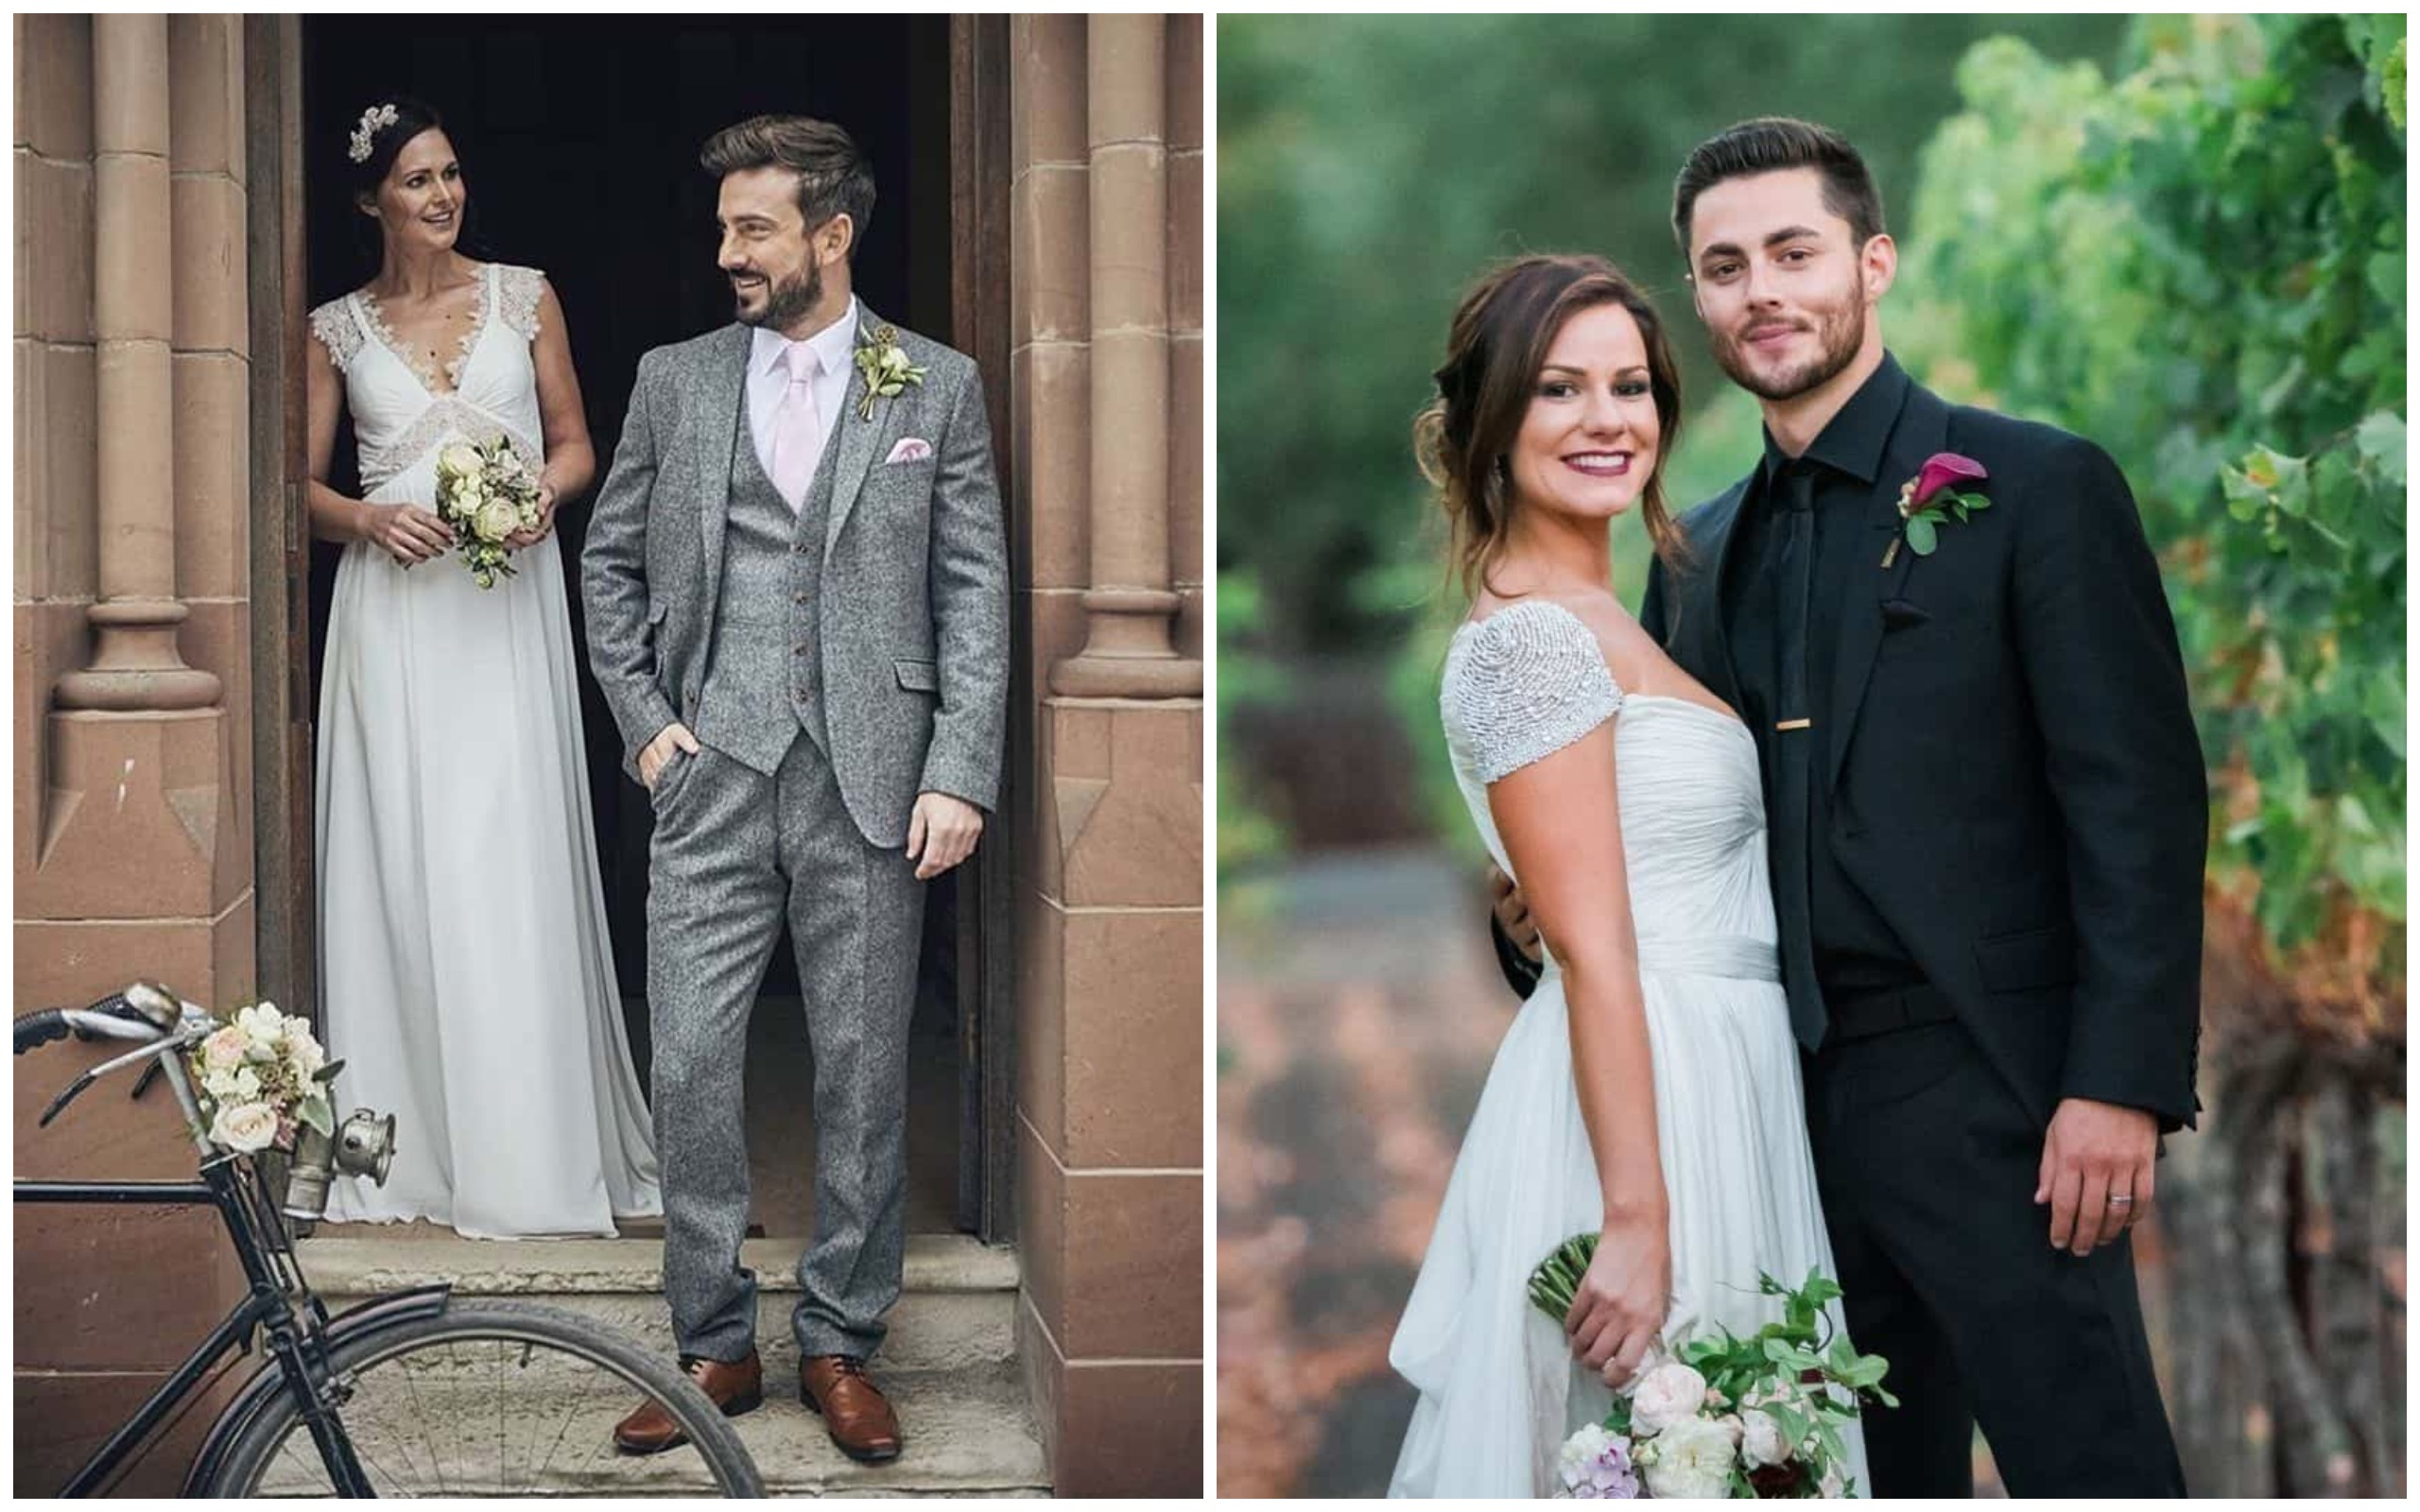 Top 9 des costumes mariage homme 2020: la liste des idées de costumes de mariage à consulter 2020